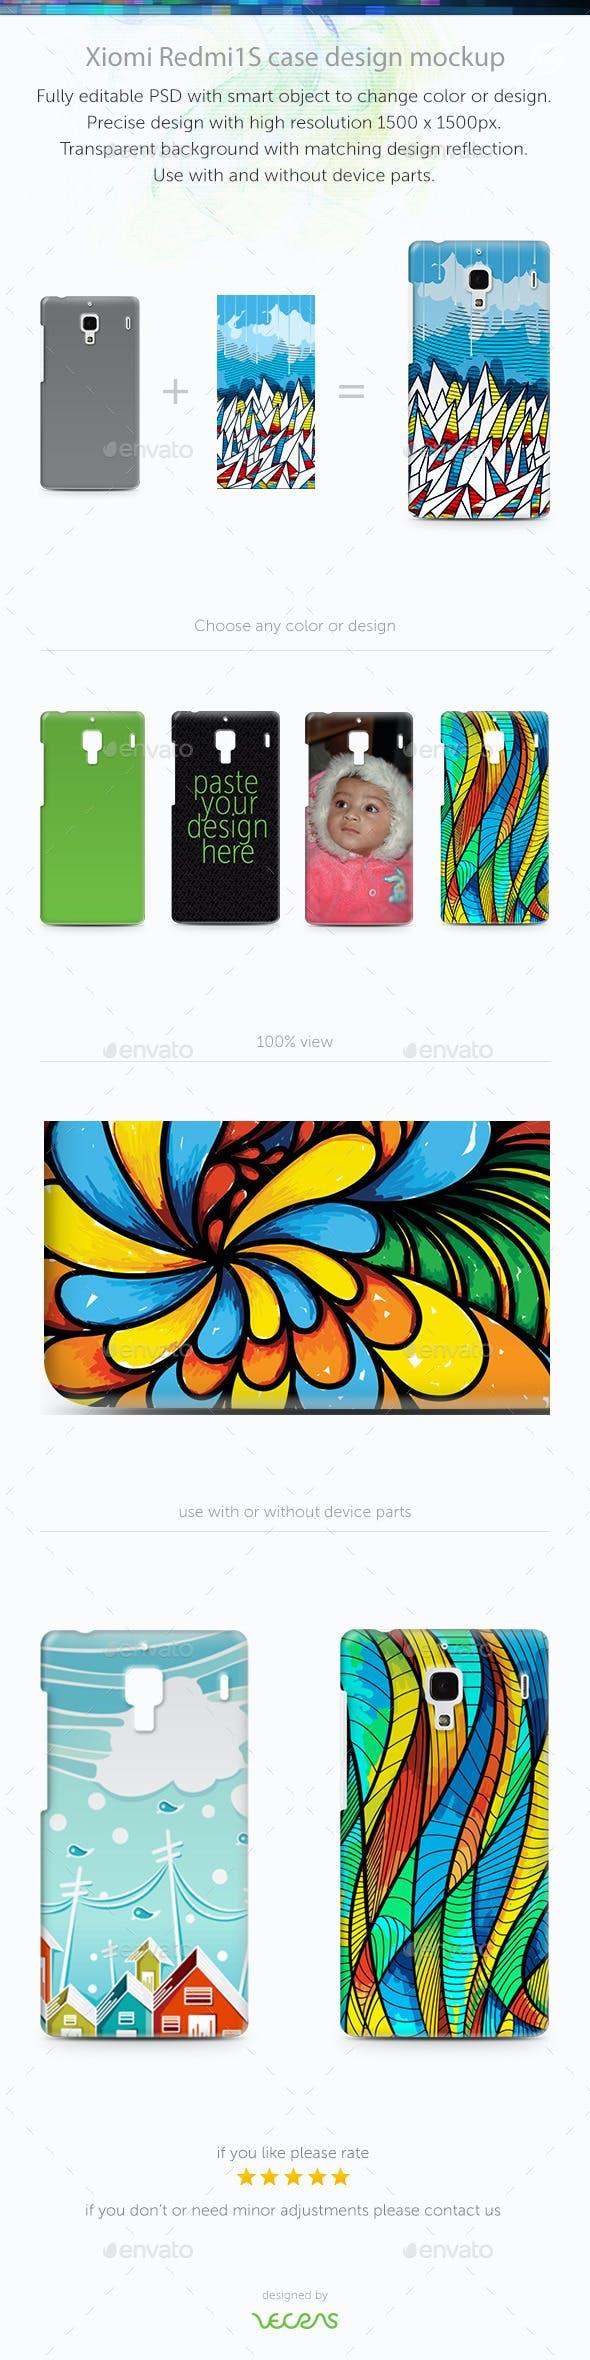 Xiaomi RedMi 1/1S Case Design Mockup